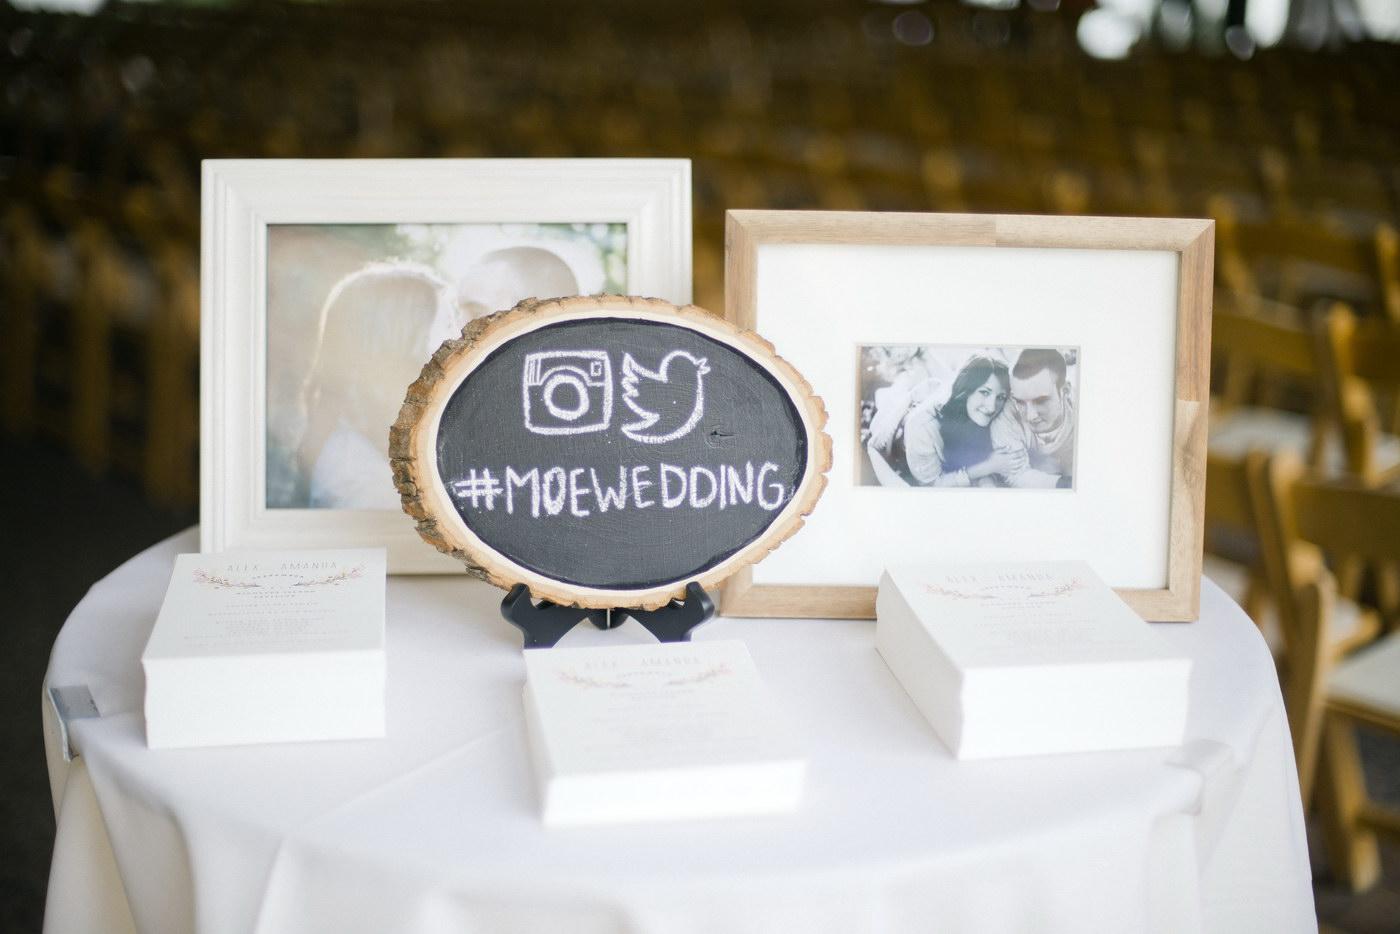 Cand sa le comunici celorlalti hashtag-ul pentru nunta